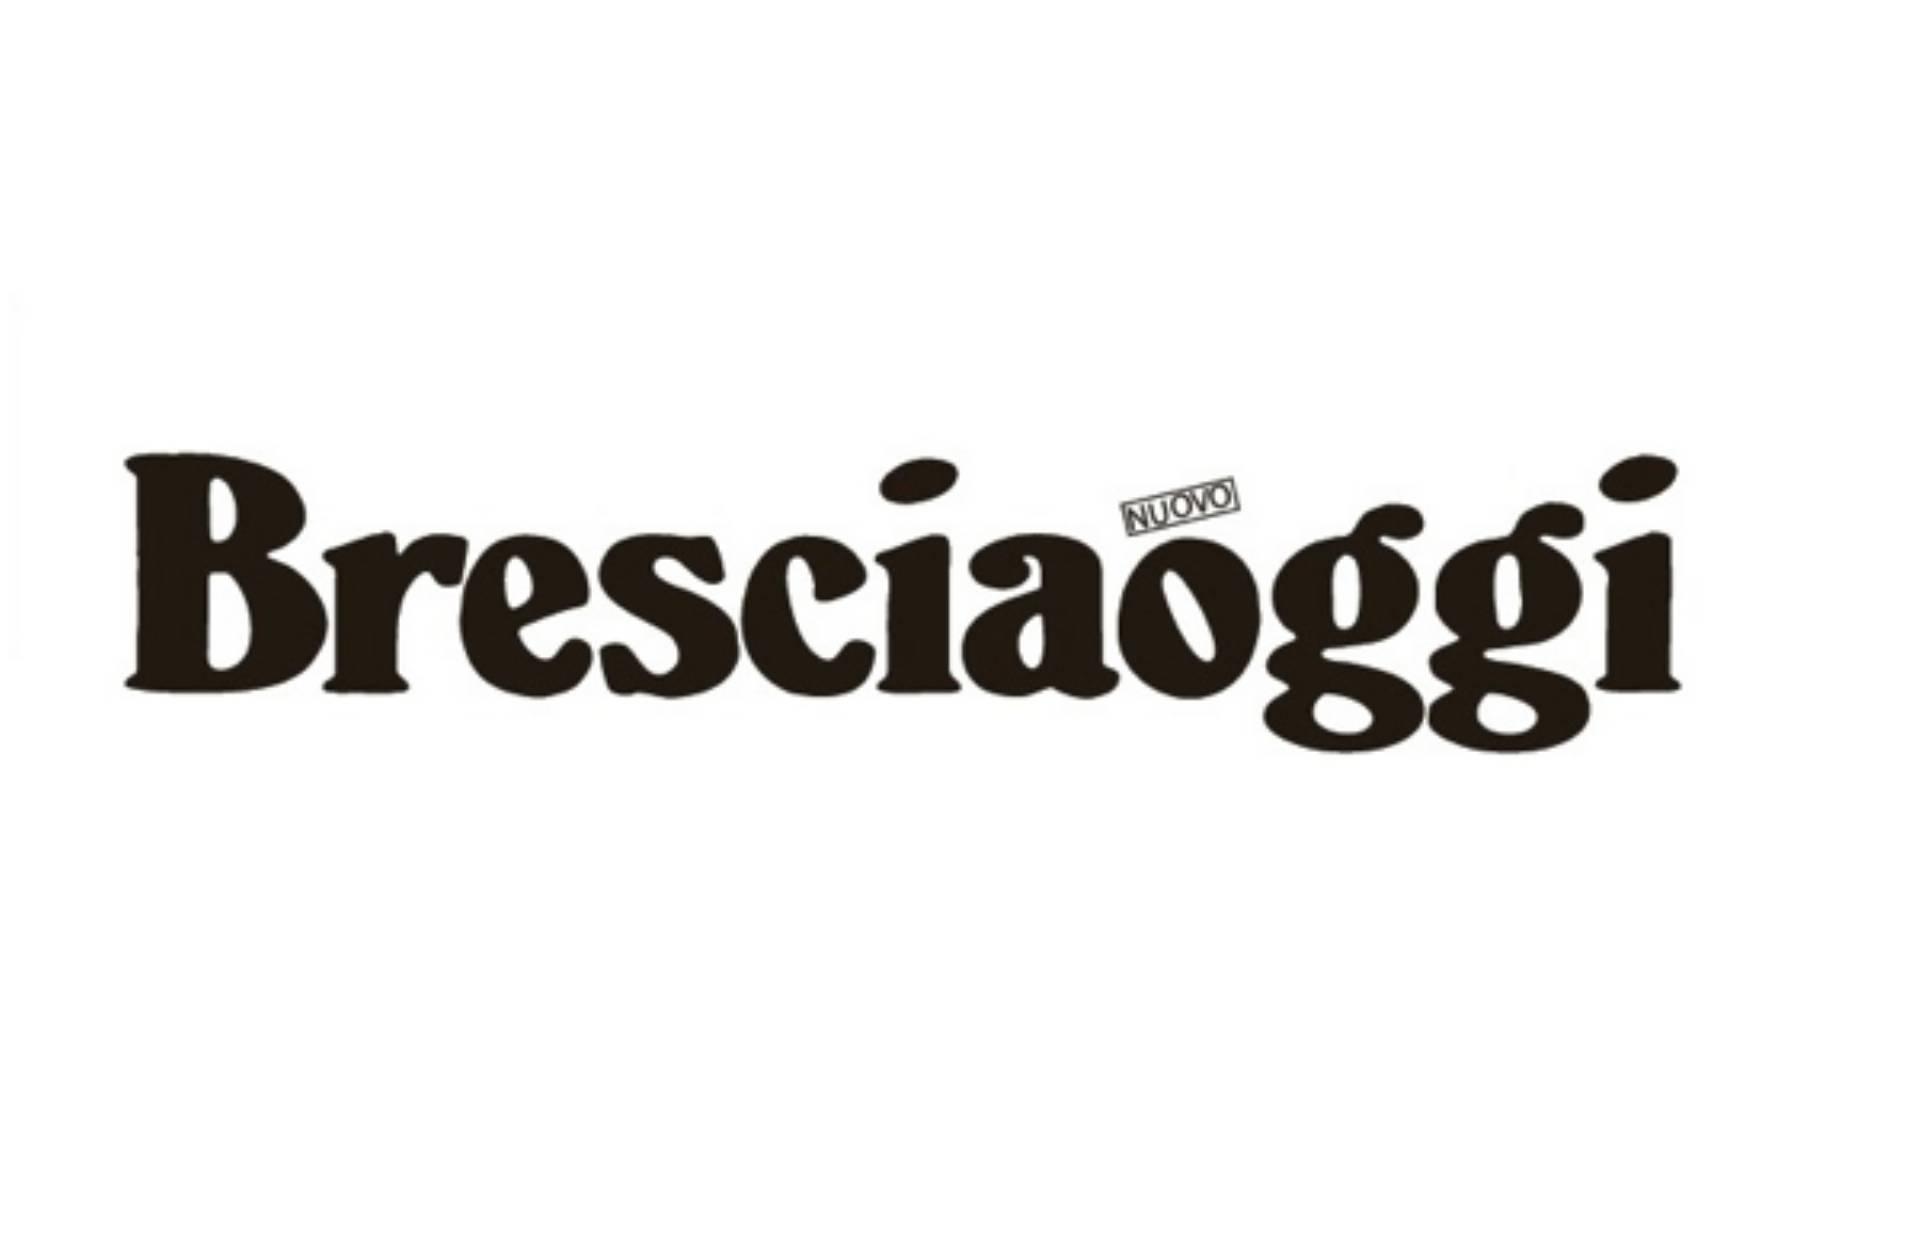 Epilogo del Booktrailer film festival - BresciaOggi